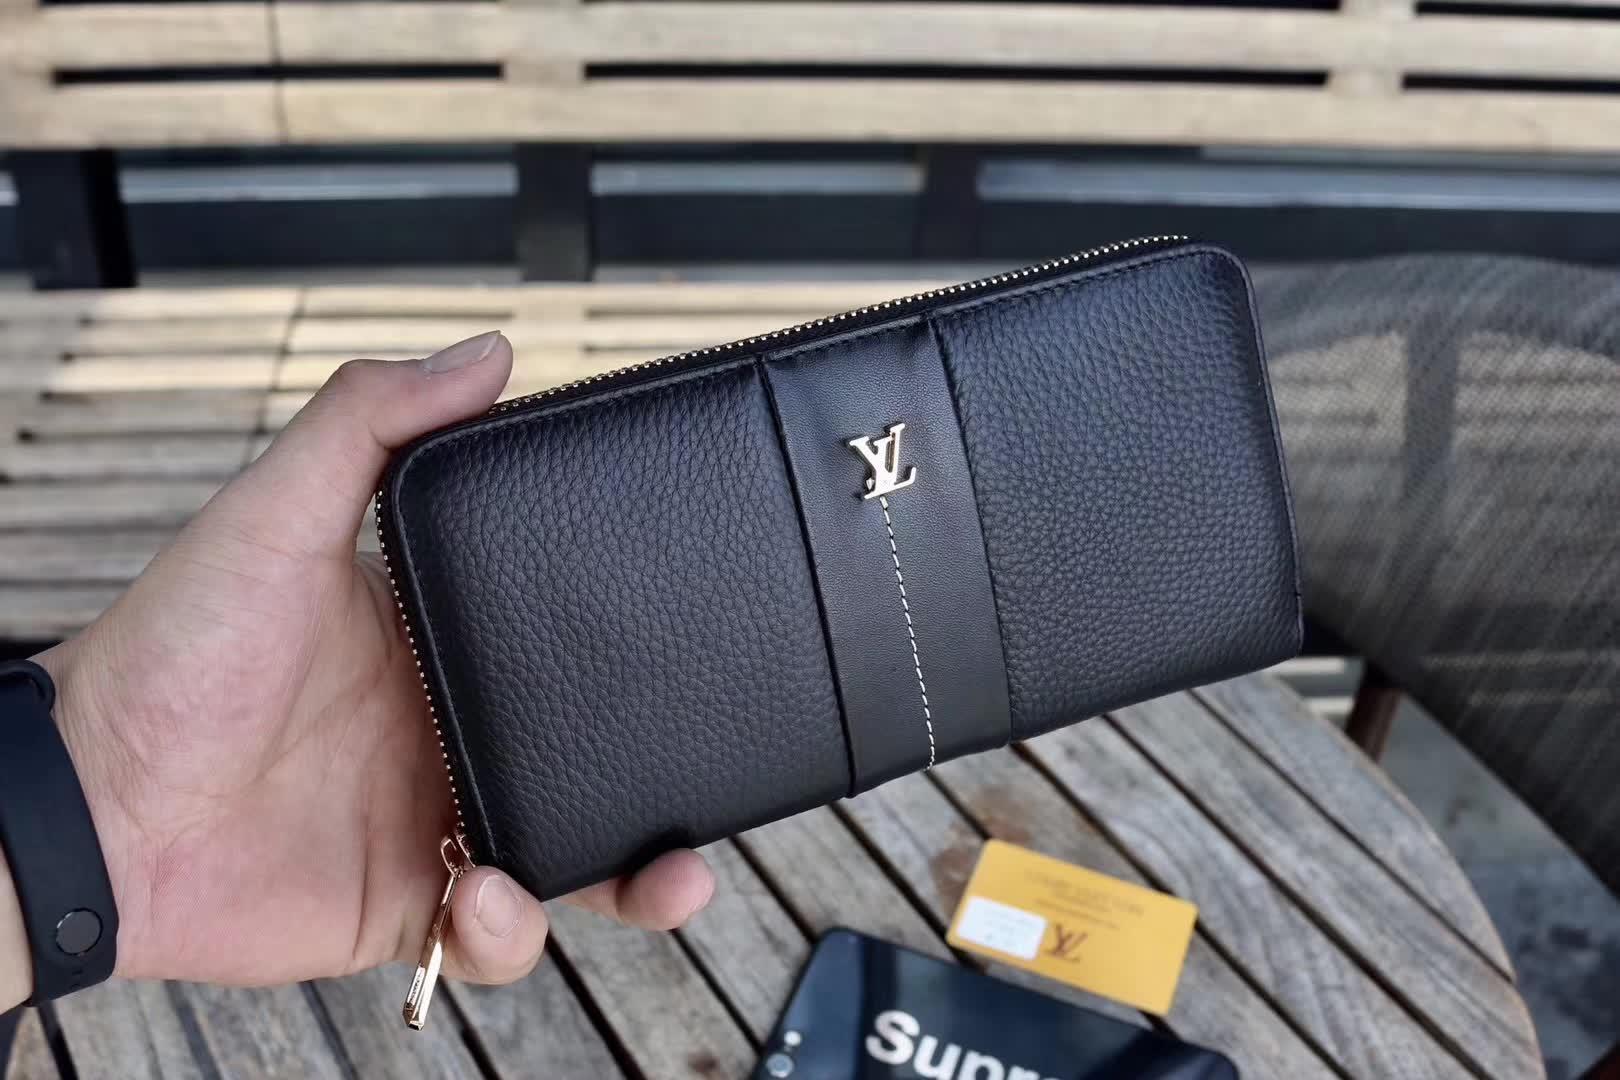 ルイヴィトン メンズ 財布 スーパーコピーブランド 代引き対応 V23344